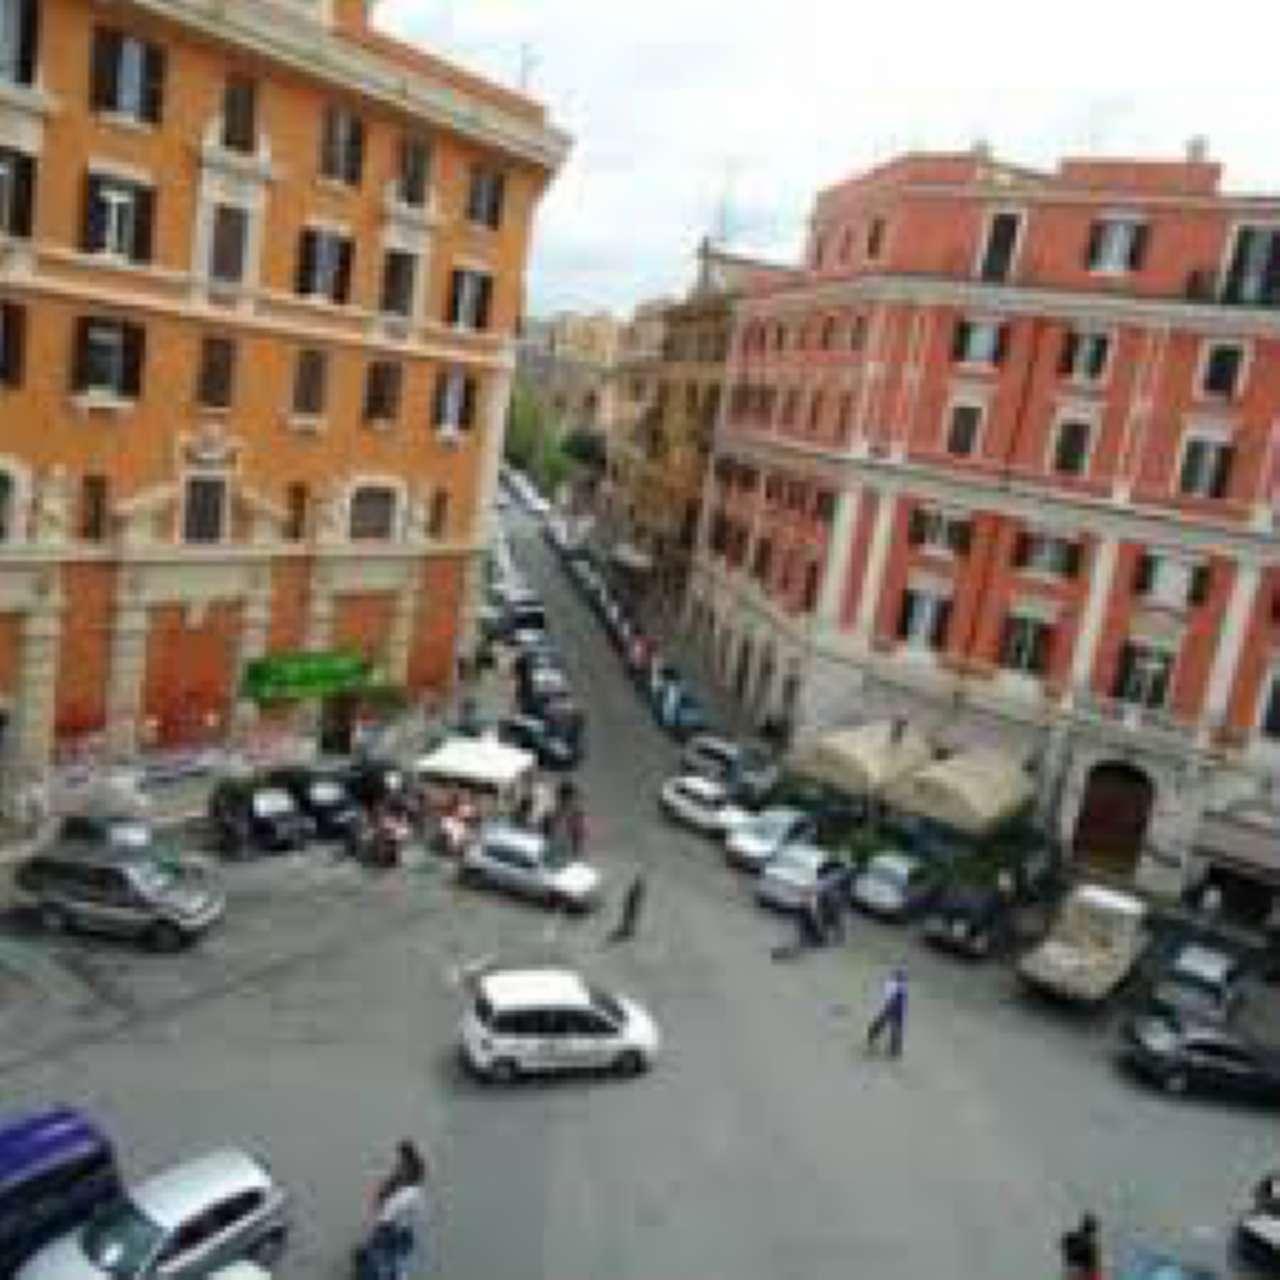 Negozio in vendita a Roma in Piazza Dei Sanniti